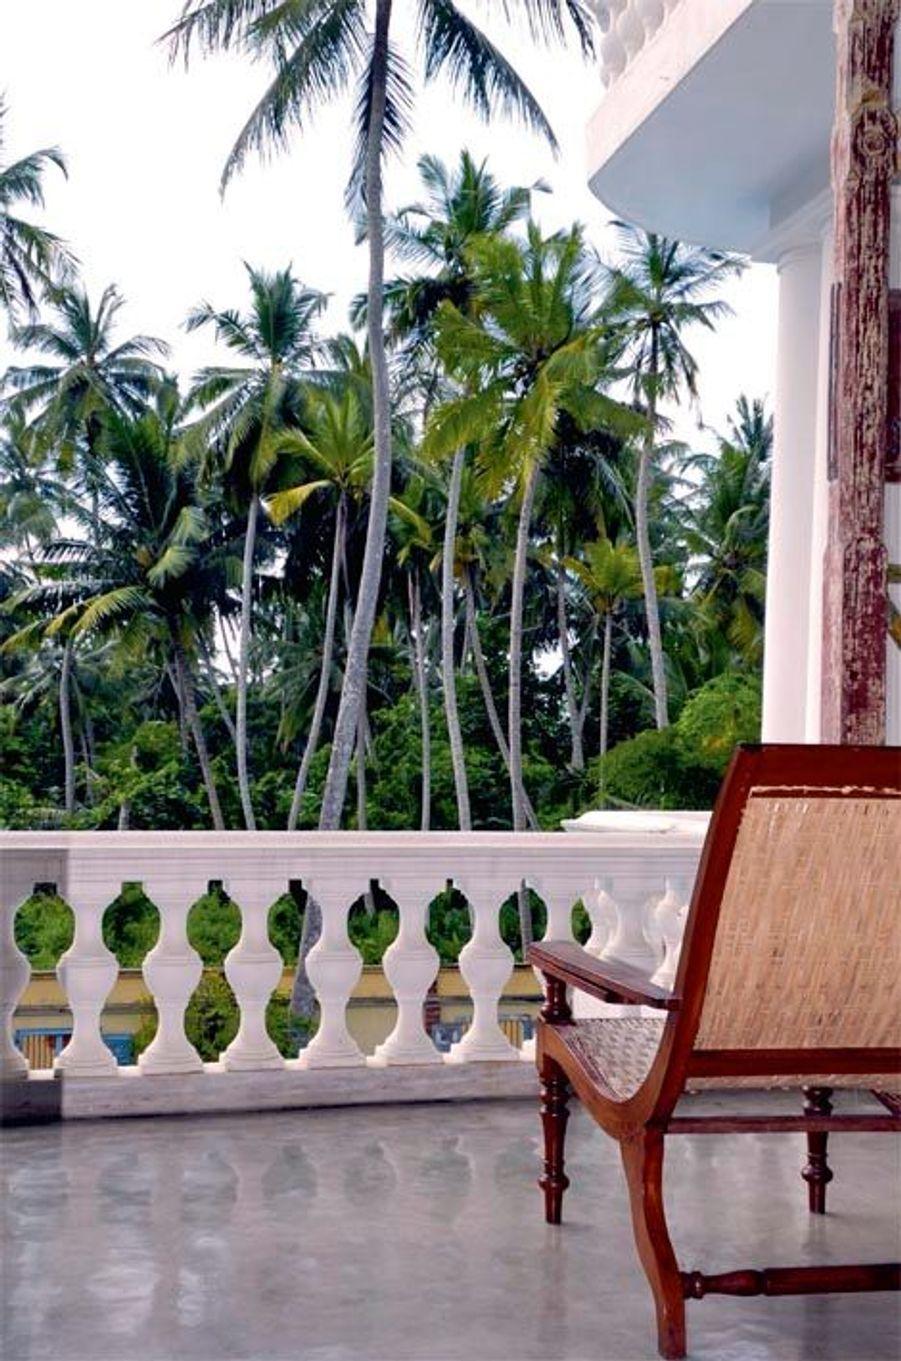 Elle est née d'une histoire d'amour entre une Française et un Sri Lankais. La Maison Nil Manel a été repérée par l'agence Terres de charme qui suggère d'y poser ses bagages quelques jours, avant d'explorer le pays. Surnommée « Boutique Villa », elle a la classe d'un petit palais colonial, en bord de mer, sur la côte sud-ouest. Construite près de la distillerie familiale d'essence de cannelle, sous d'imposants banians, elle compte six chambres. La décoration sophistiquée – antiquités portugaises, britanniques, hollandaises – évoque l'histoire de Ceylan et de ses comptoirs à épices. Le service personnalisé autorise les hôtes à vivre leurs journées en totale liberté, entre piscine, plage, découverte des villages de pêcheurs et table gastronomique. A partir de 80 euros*. Forfait depuis Paris : 2 300 euros (7 nuits, vols, transferts et demi-pension inclus). Terresdecharme.com.